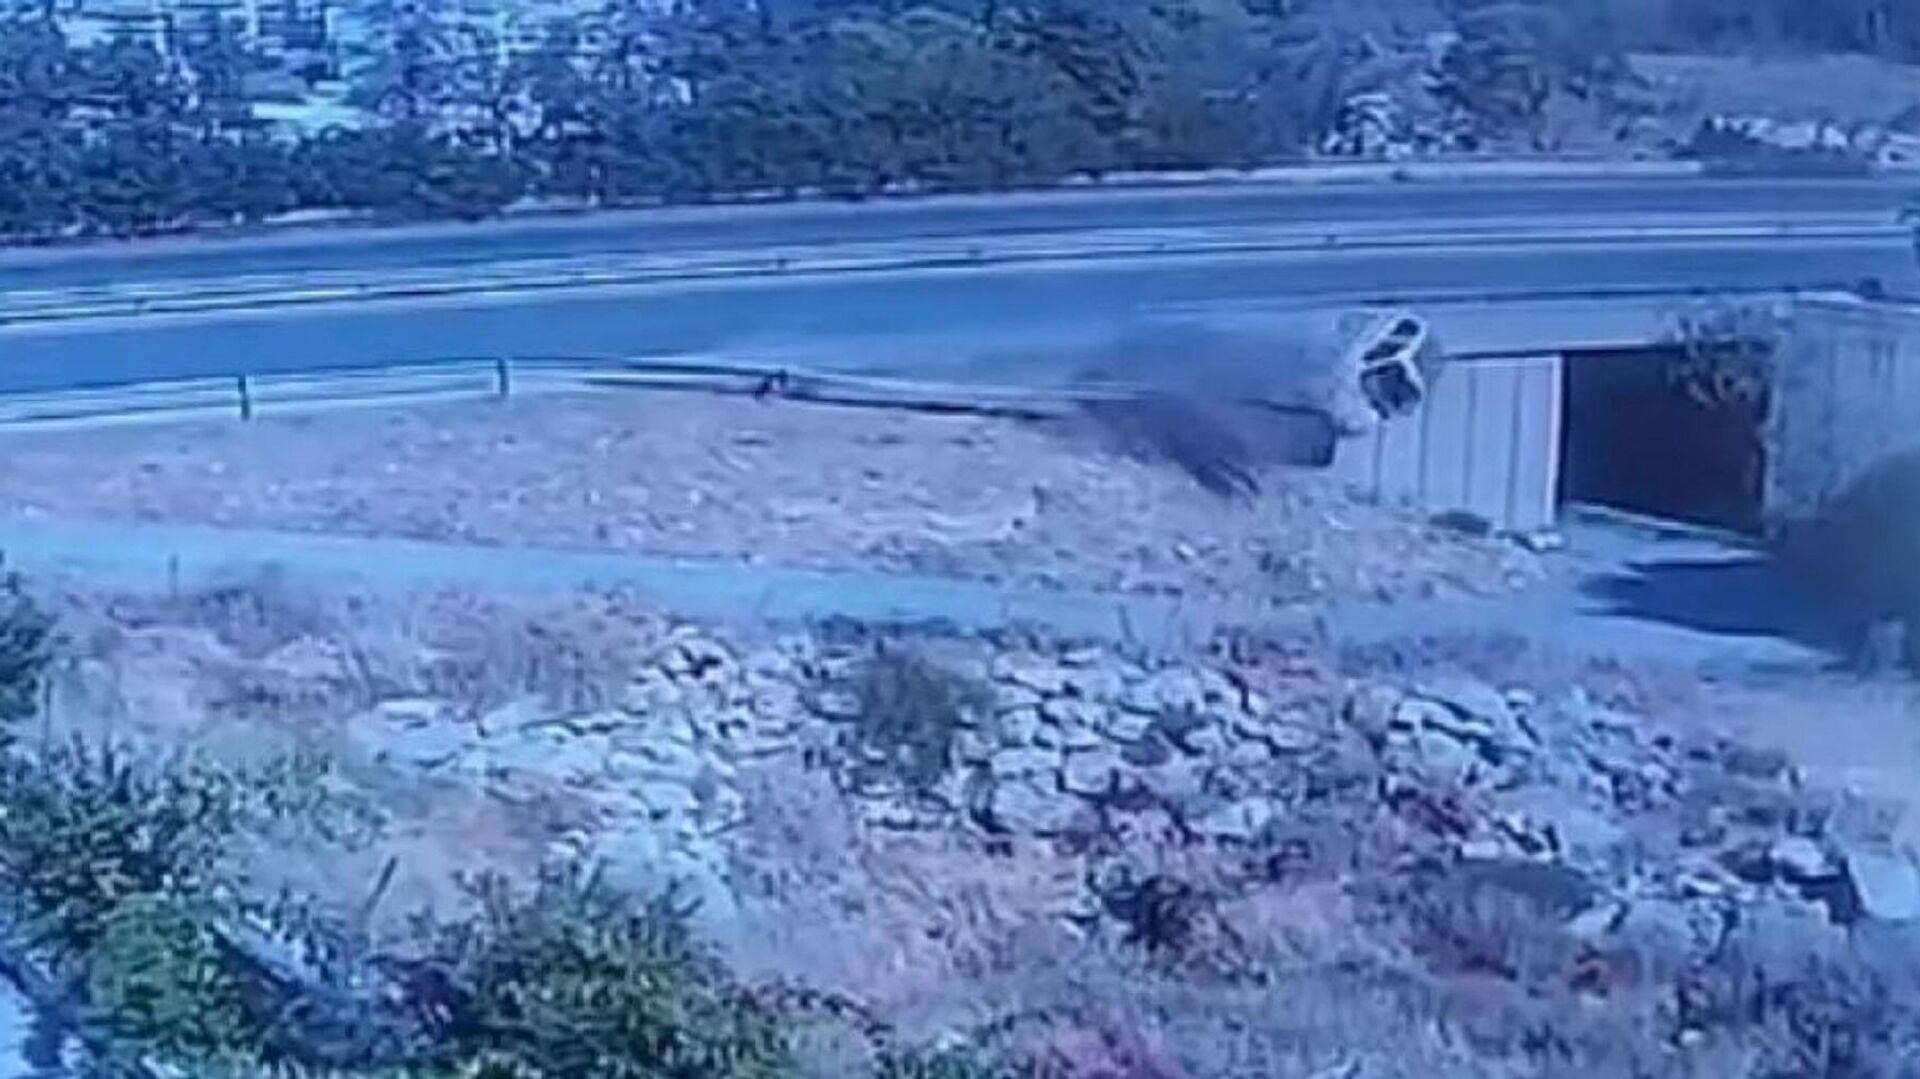 Κάμερα κατέγραψε το θανατηφόρο τροχαίο στην Κρήτη - Sputnik Ελλάδα, 1920, 12.10.2021